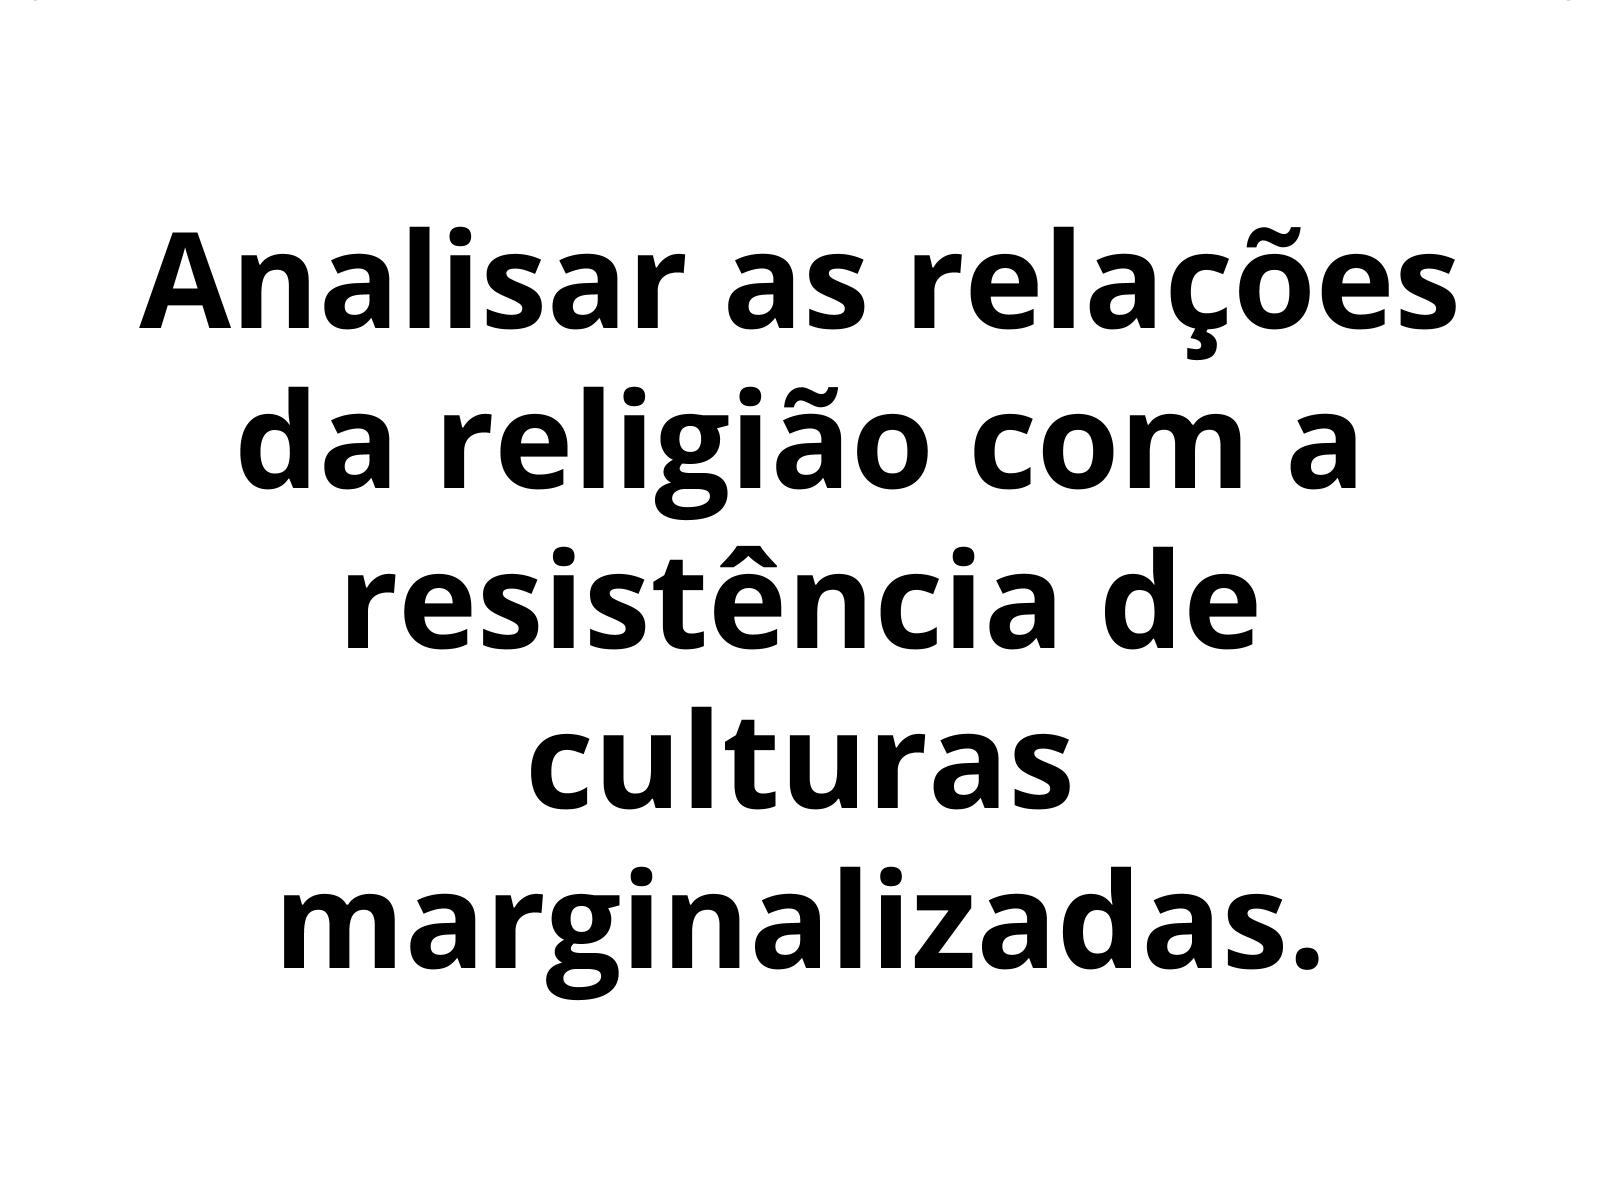 Religiões e resistências culturais